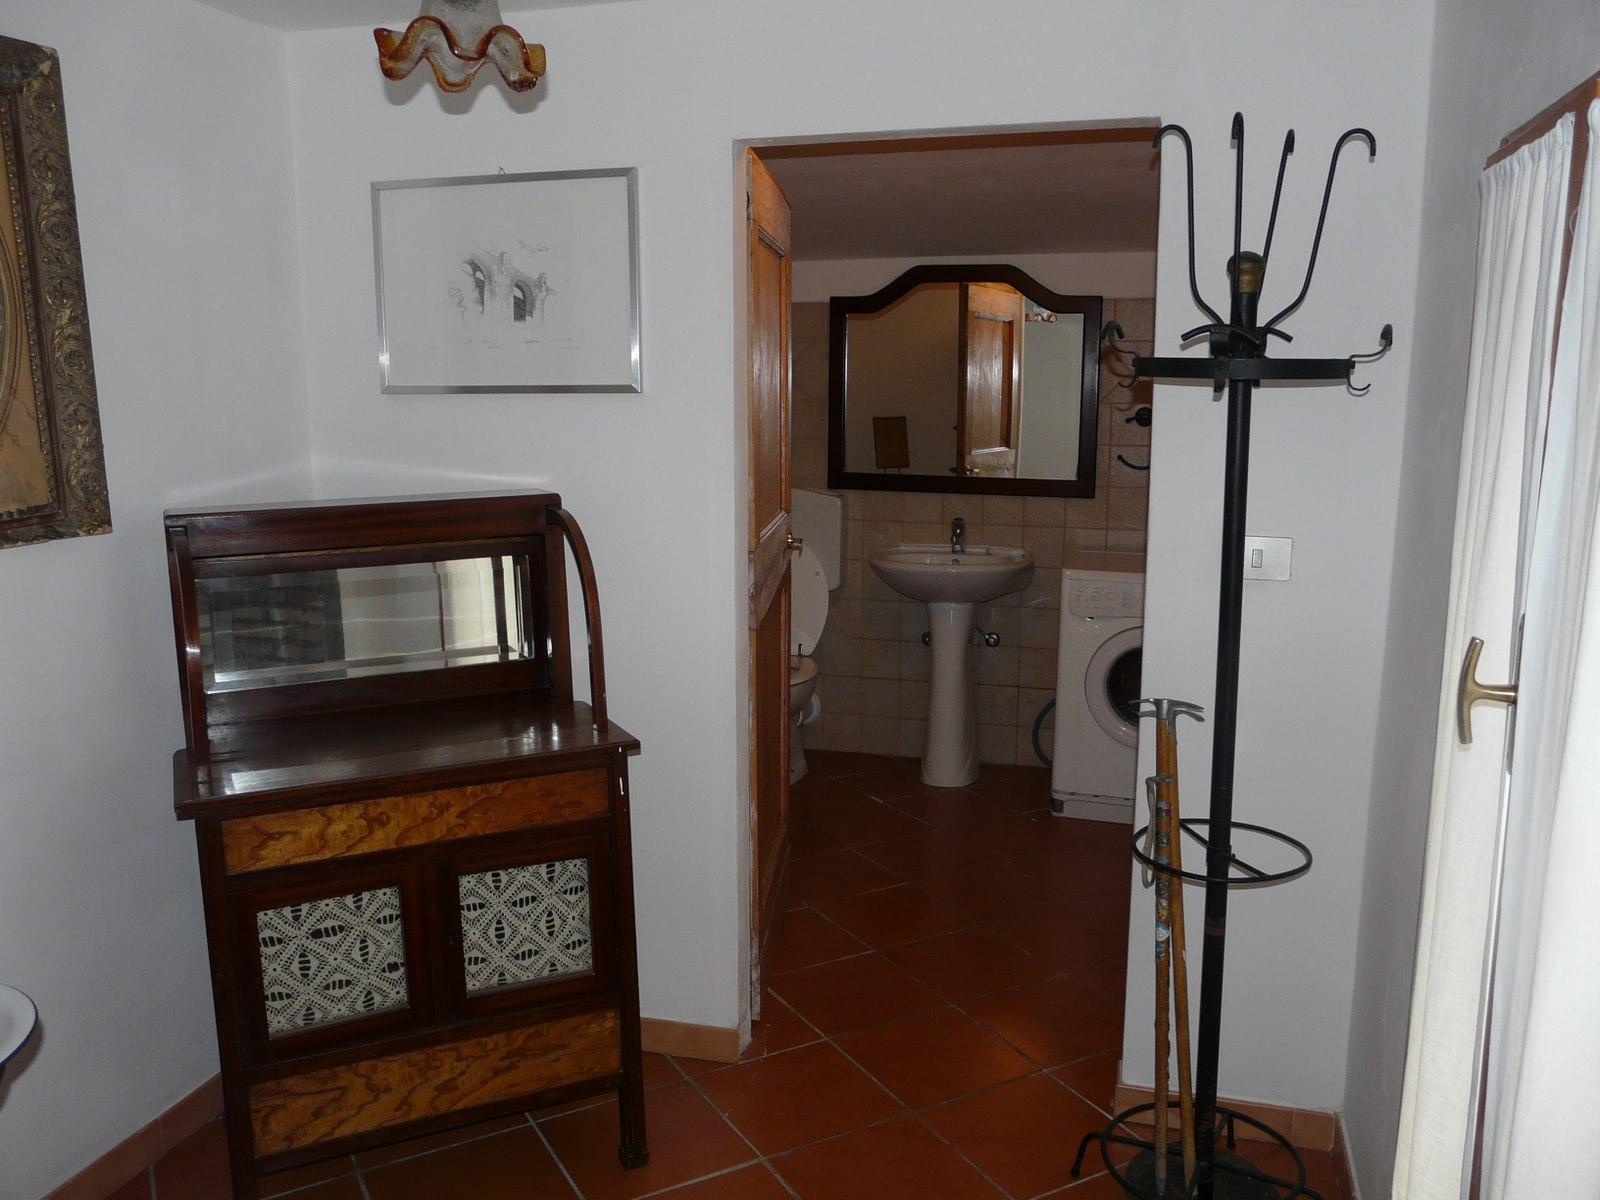 Ferienhaus Pescatore (870454), Fano (IT), Adriaküste (Marken), Marken, Italien, Bild 32